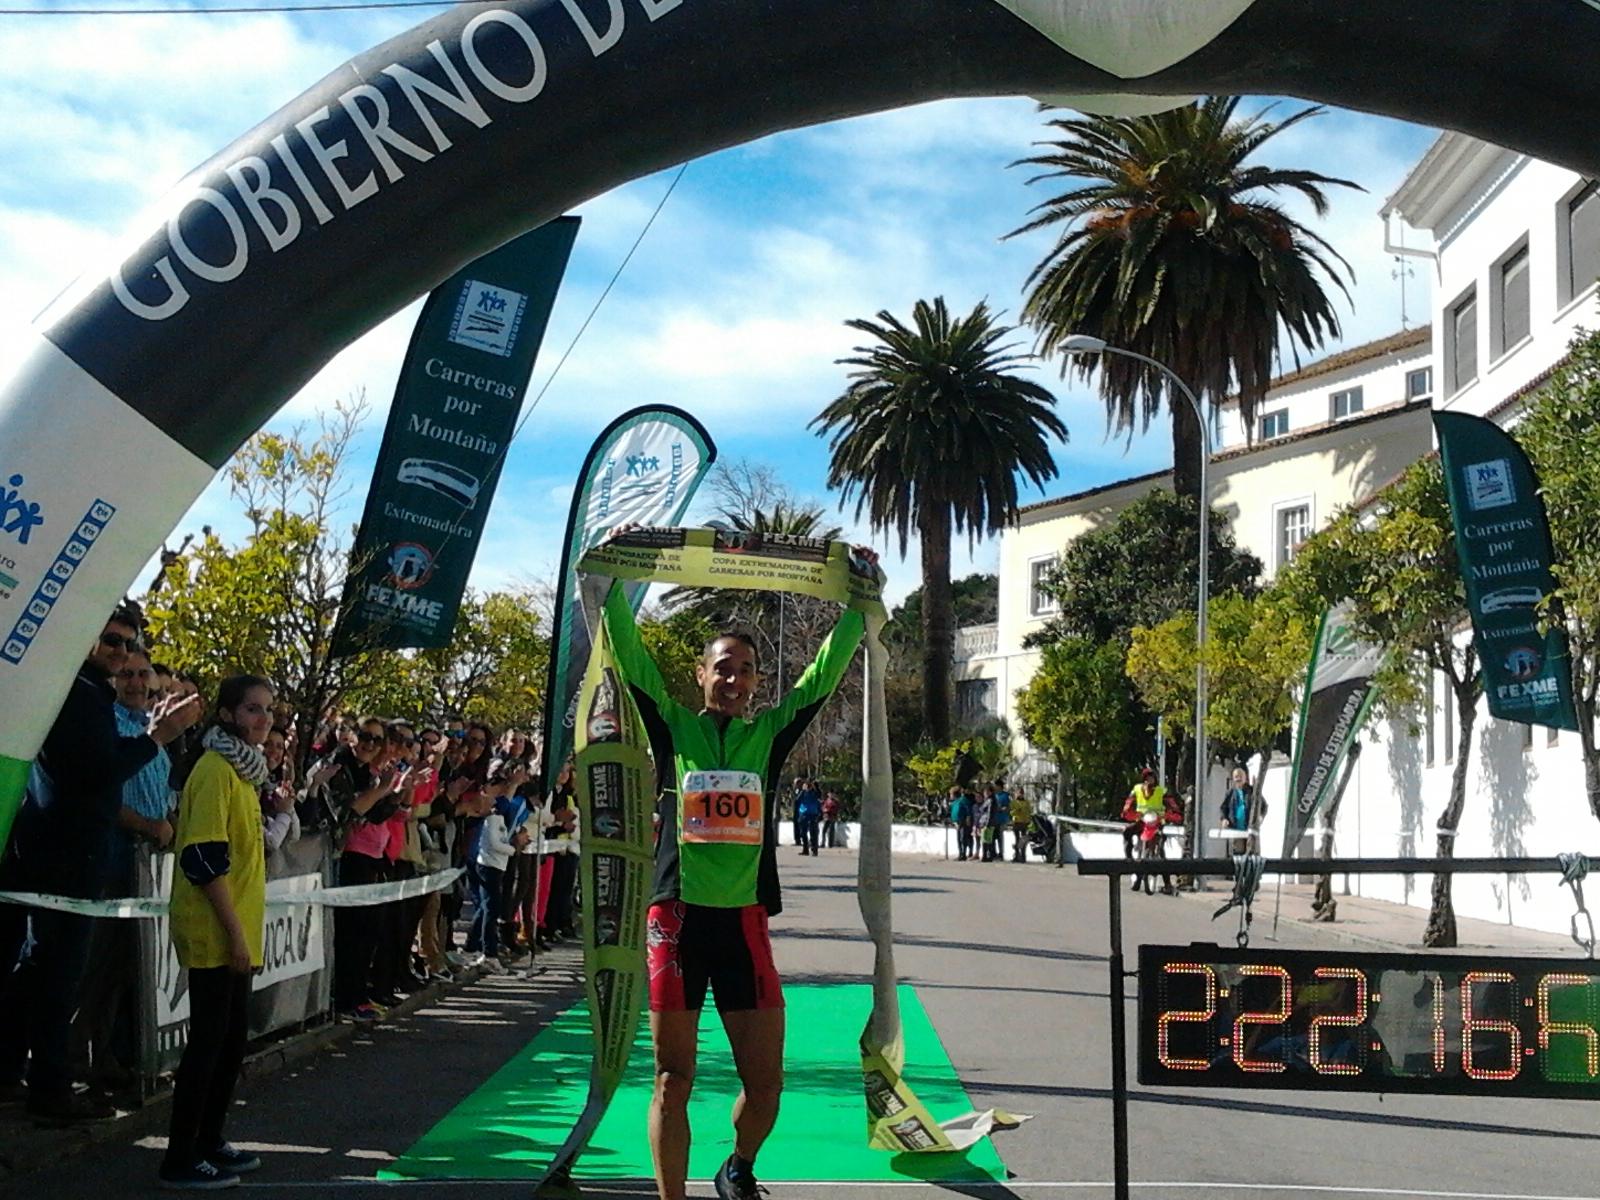 El circuito Trail de FEXME arrancó el domingo en Valencia de Alcántara donde Pedro José Hernández se hacia con la victoria